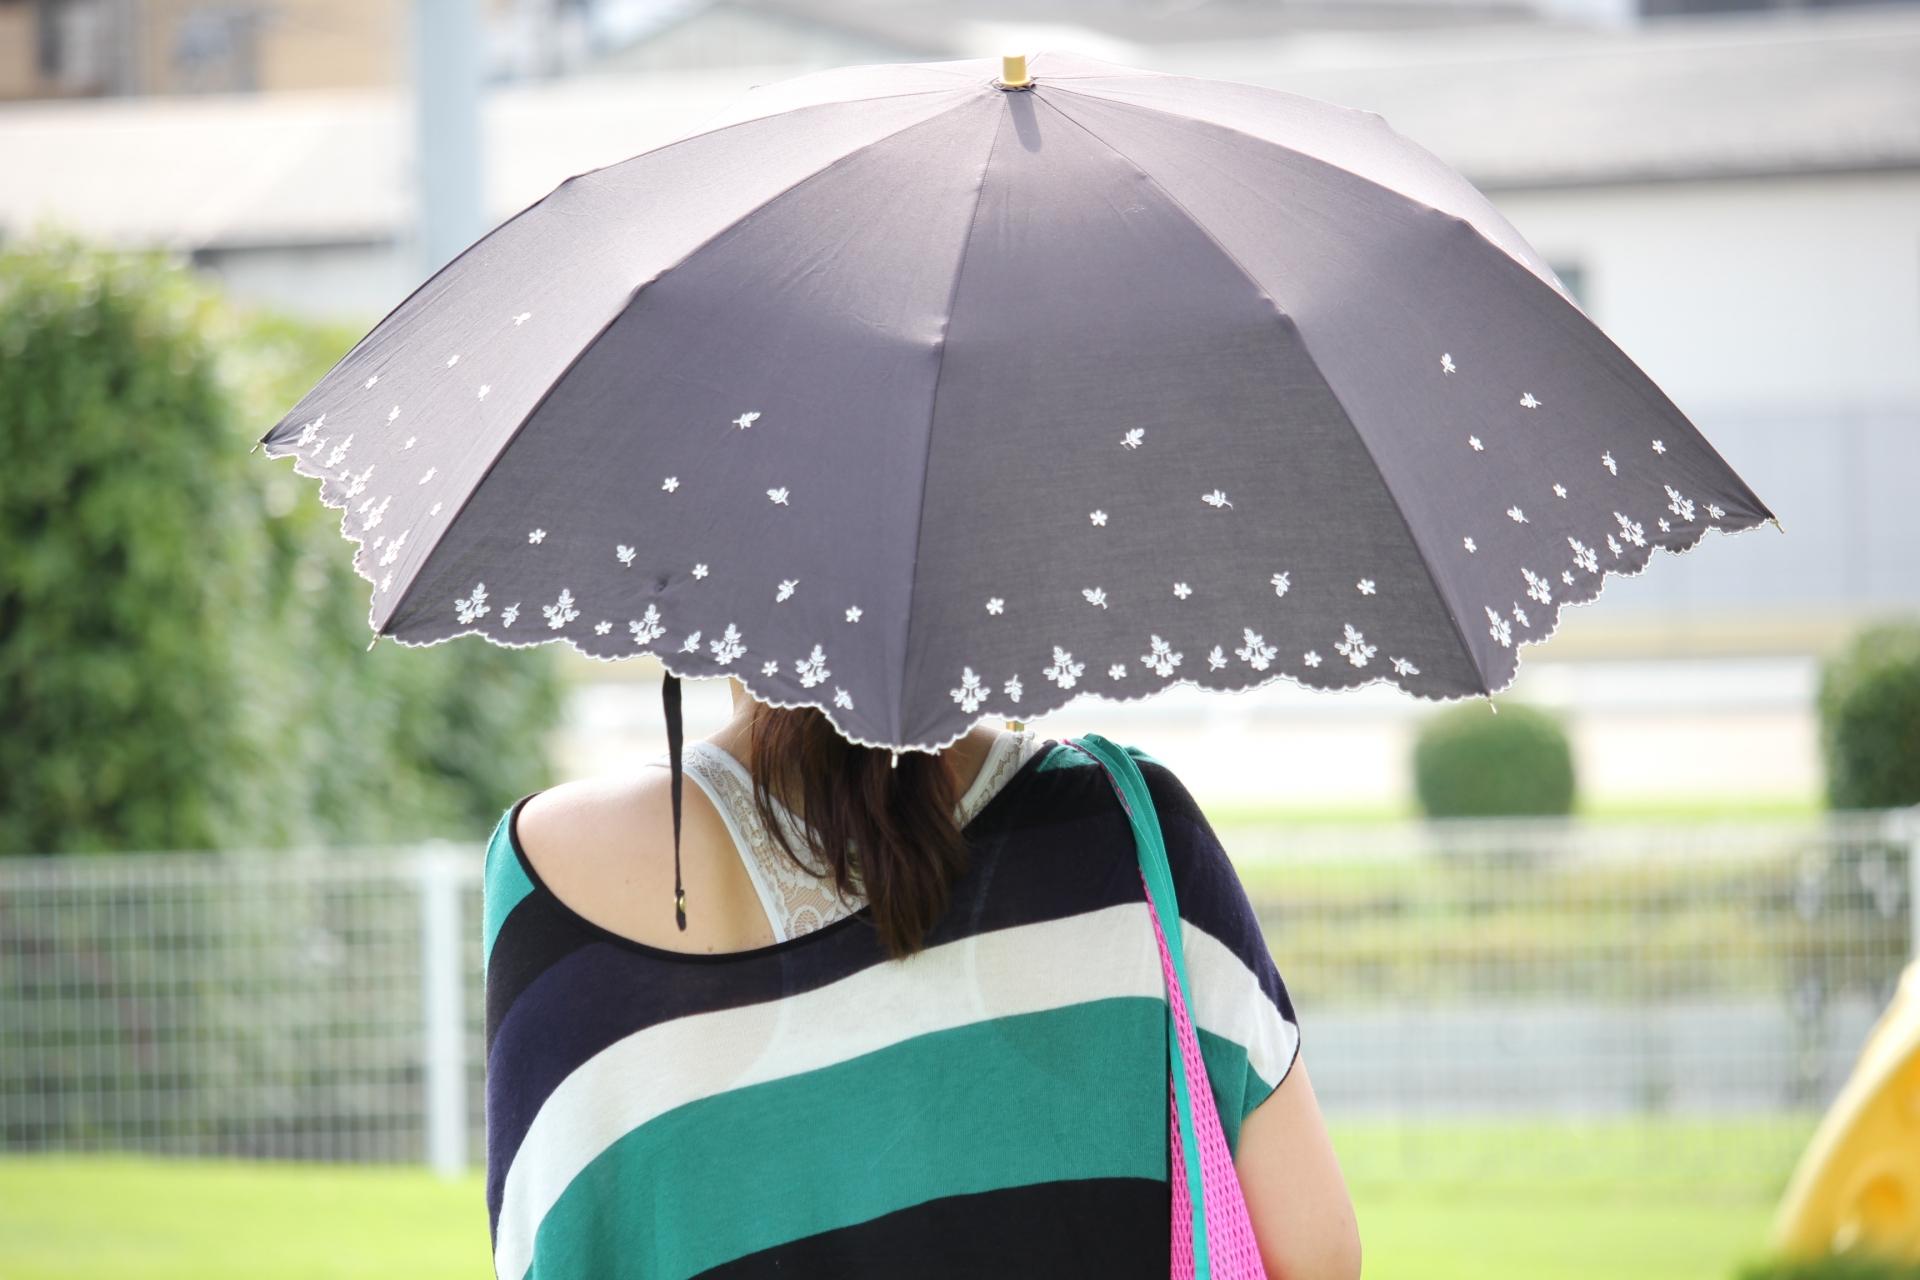 日傘のおすすめ5選!完全遮光や折りたたみタイプも紹介